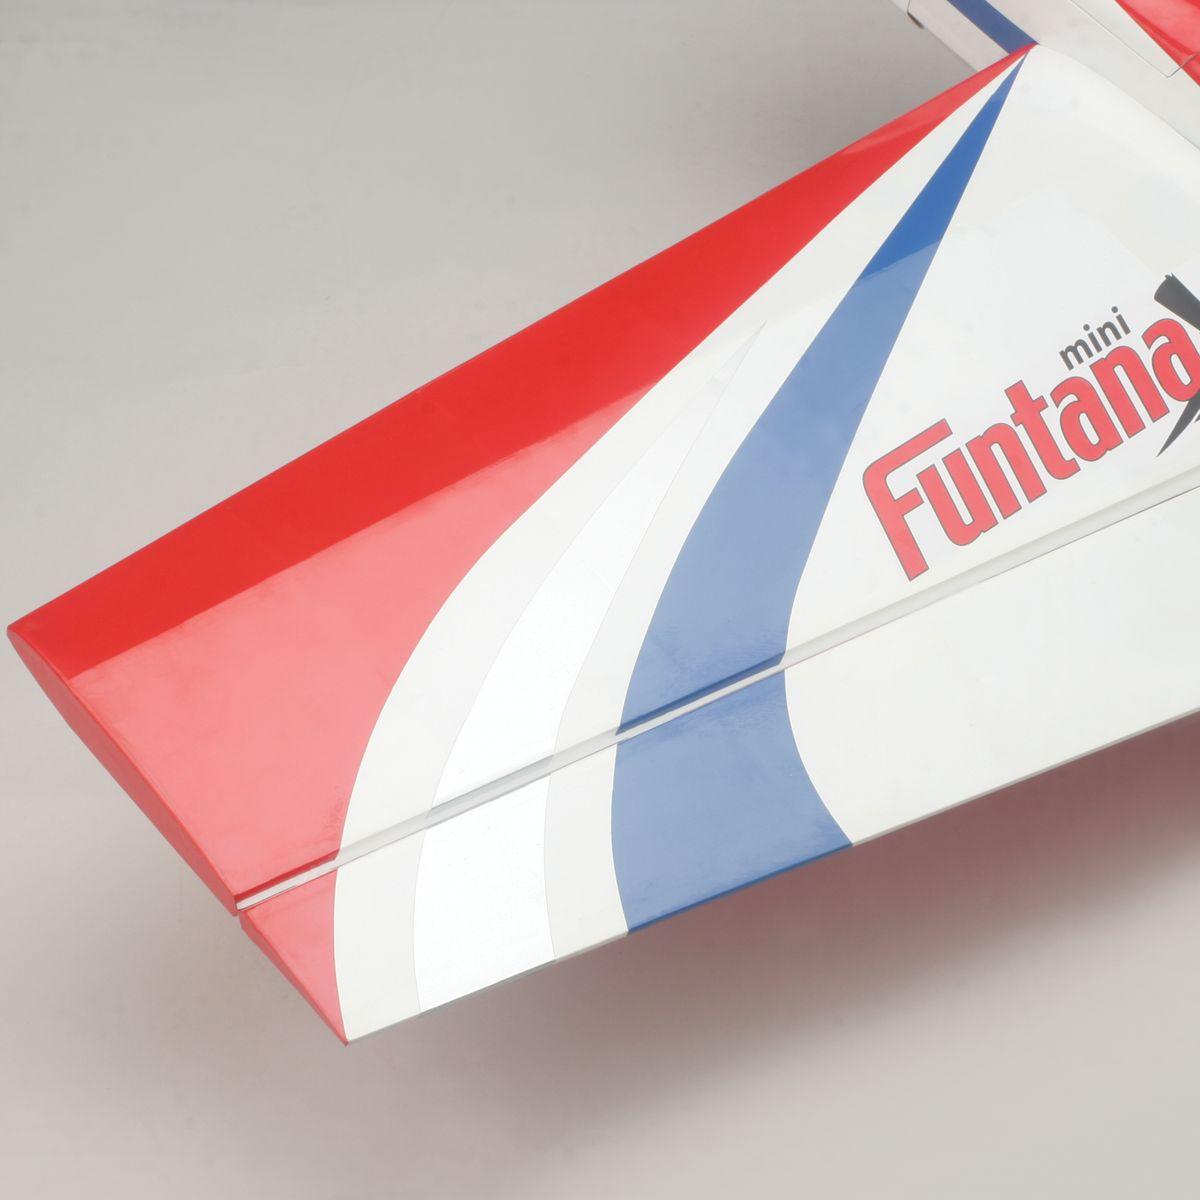 Mini Funtana X E-flite